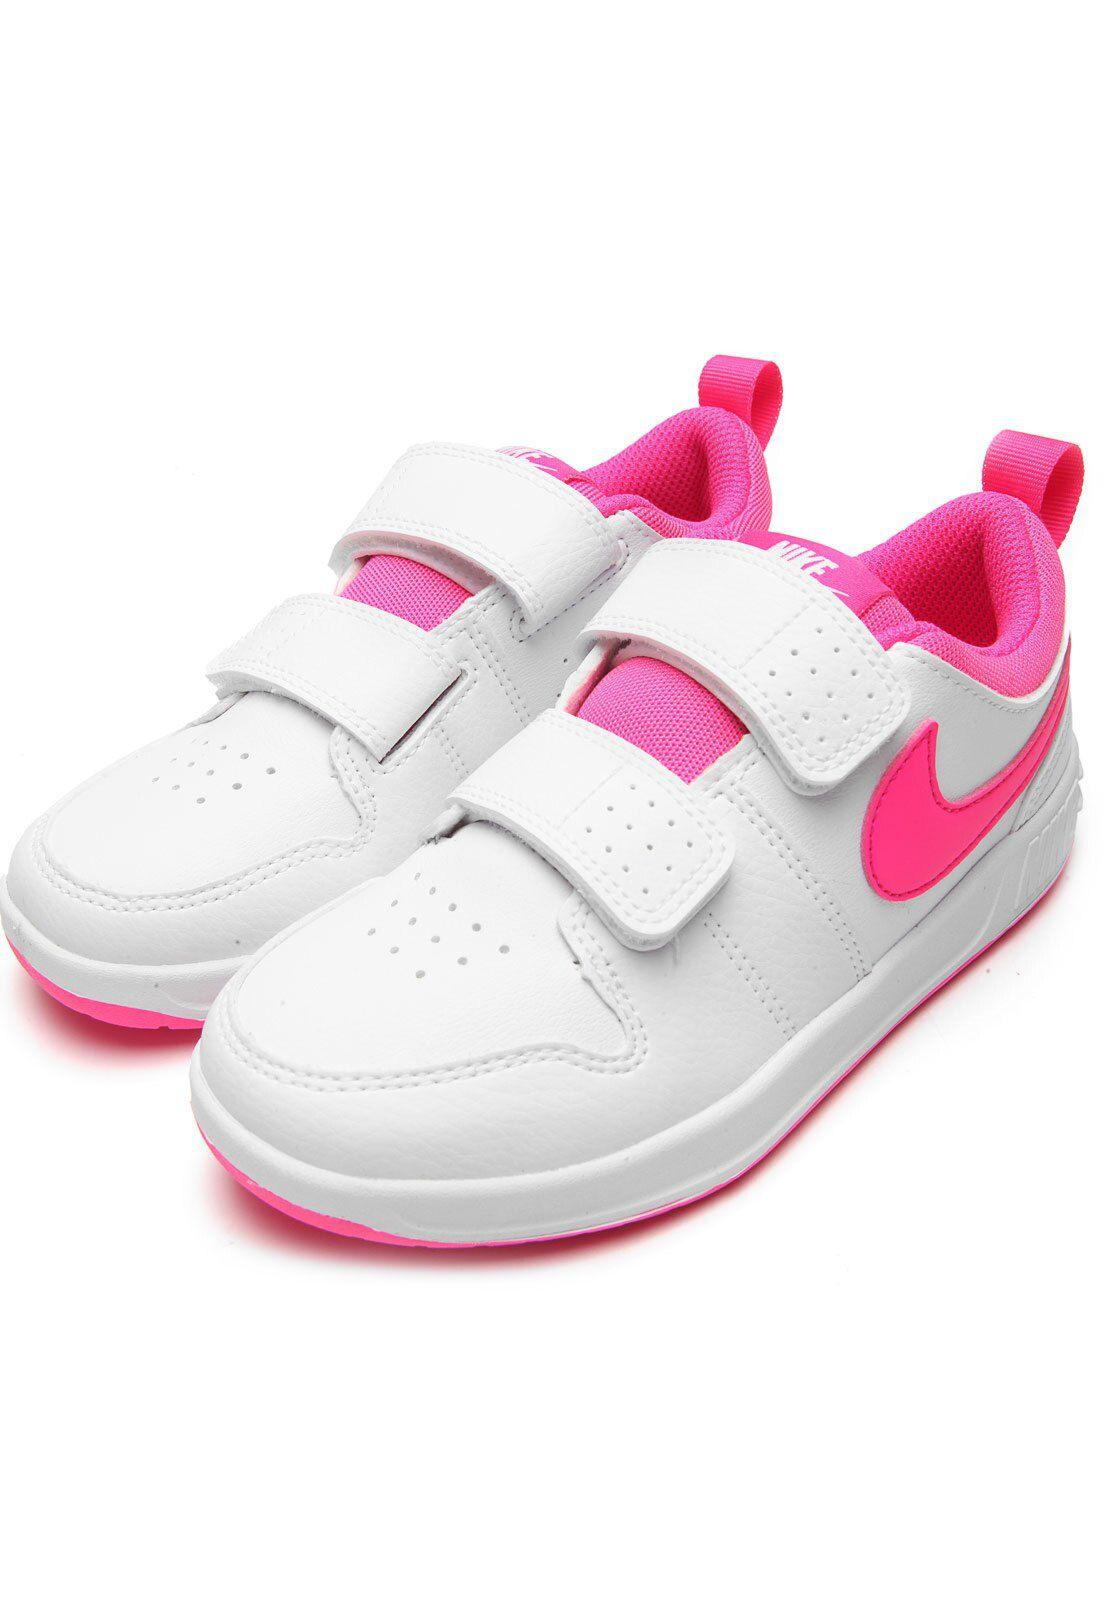 Tênis Nike Infantil Pico 5 Branco/ Pink